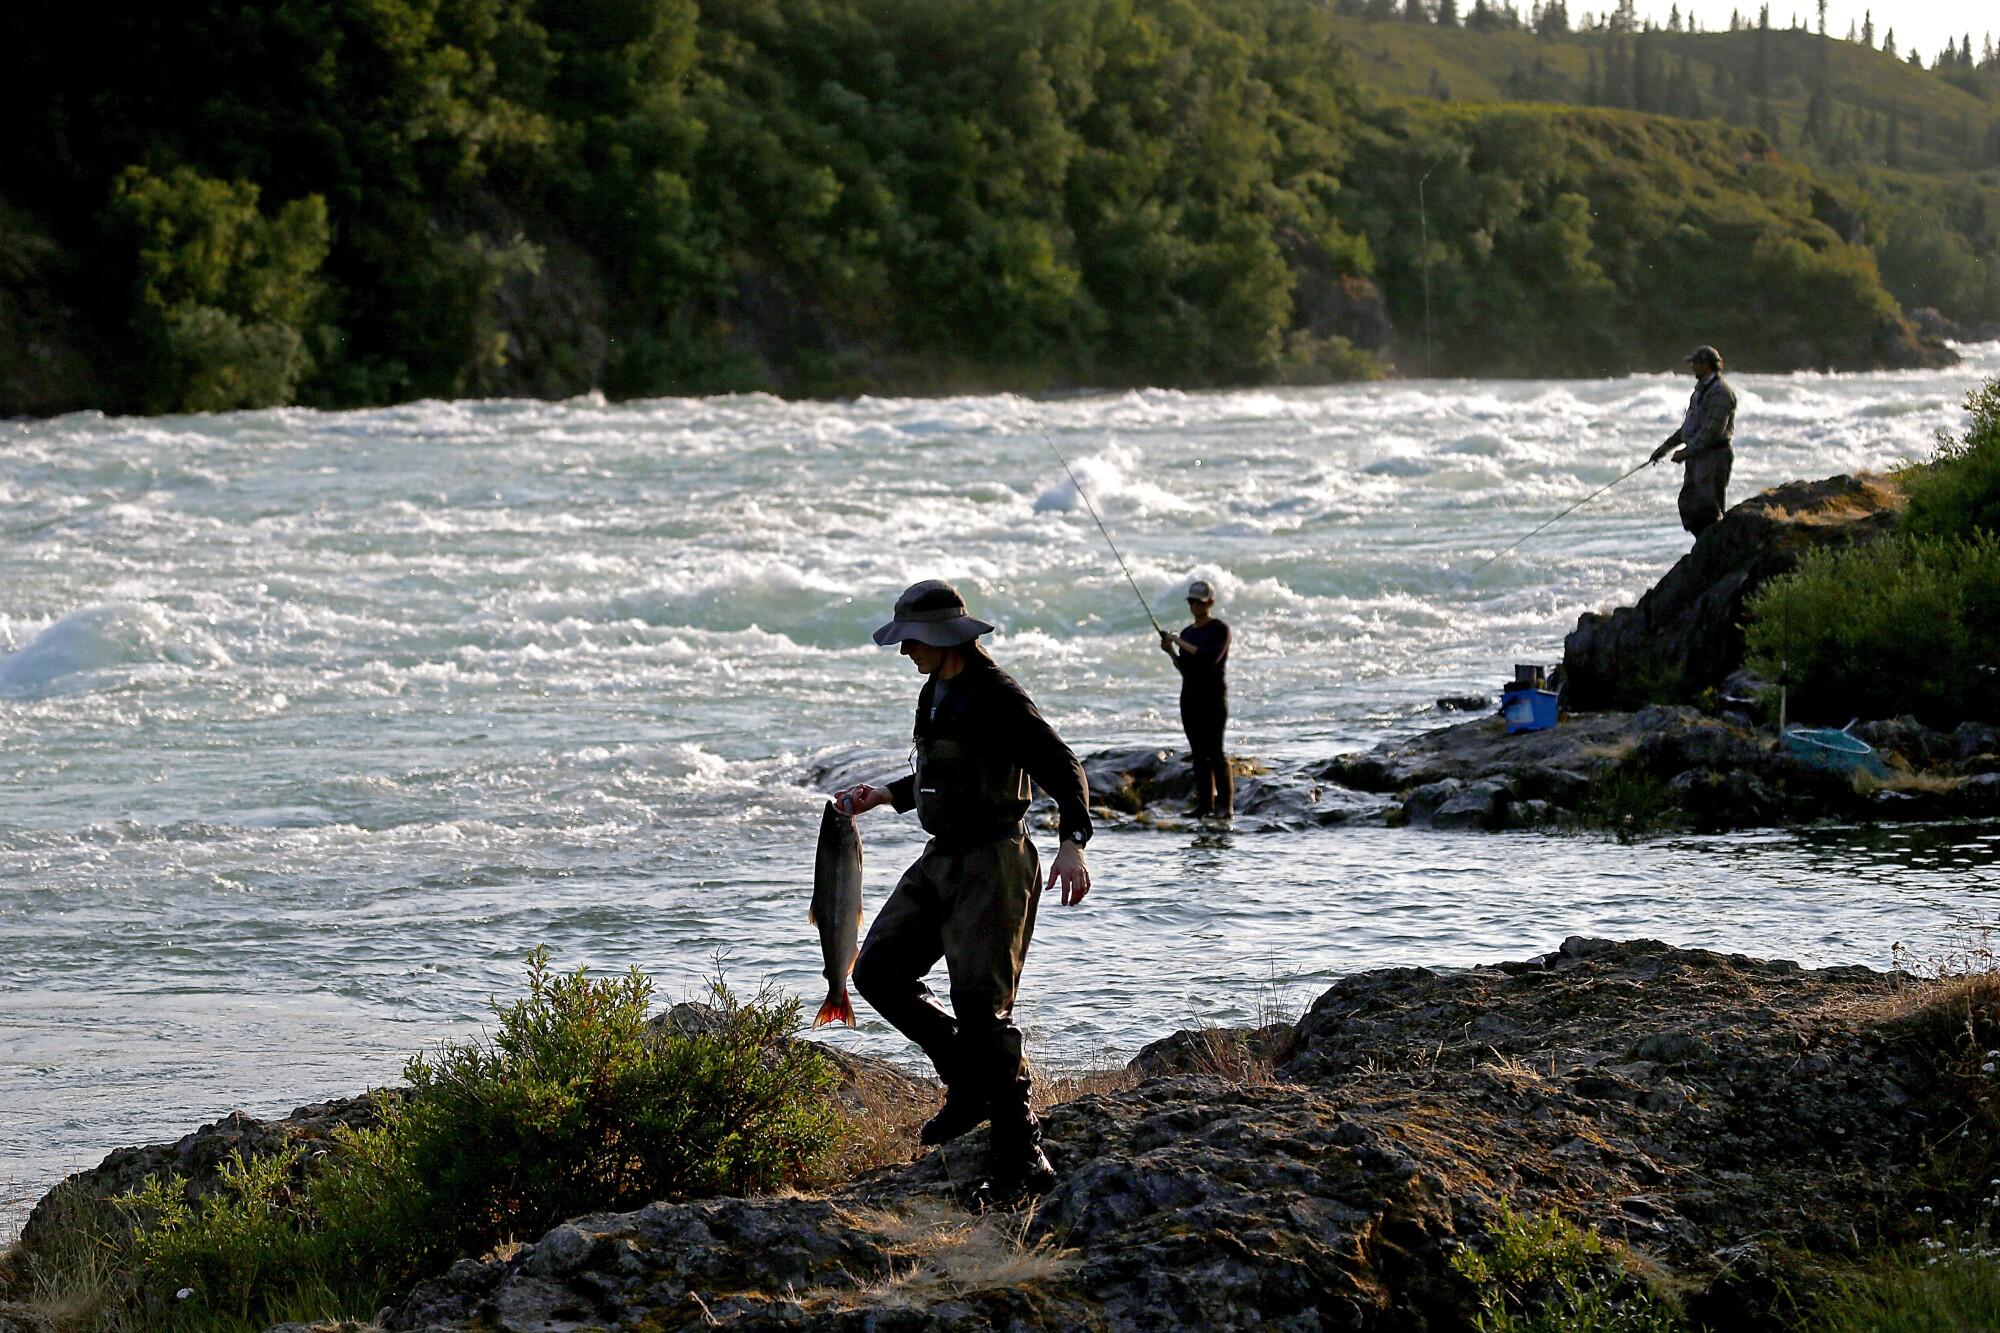 Fishing for sockeye salmon in the Newhalen River near Iliamna, Alaska.